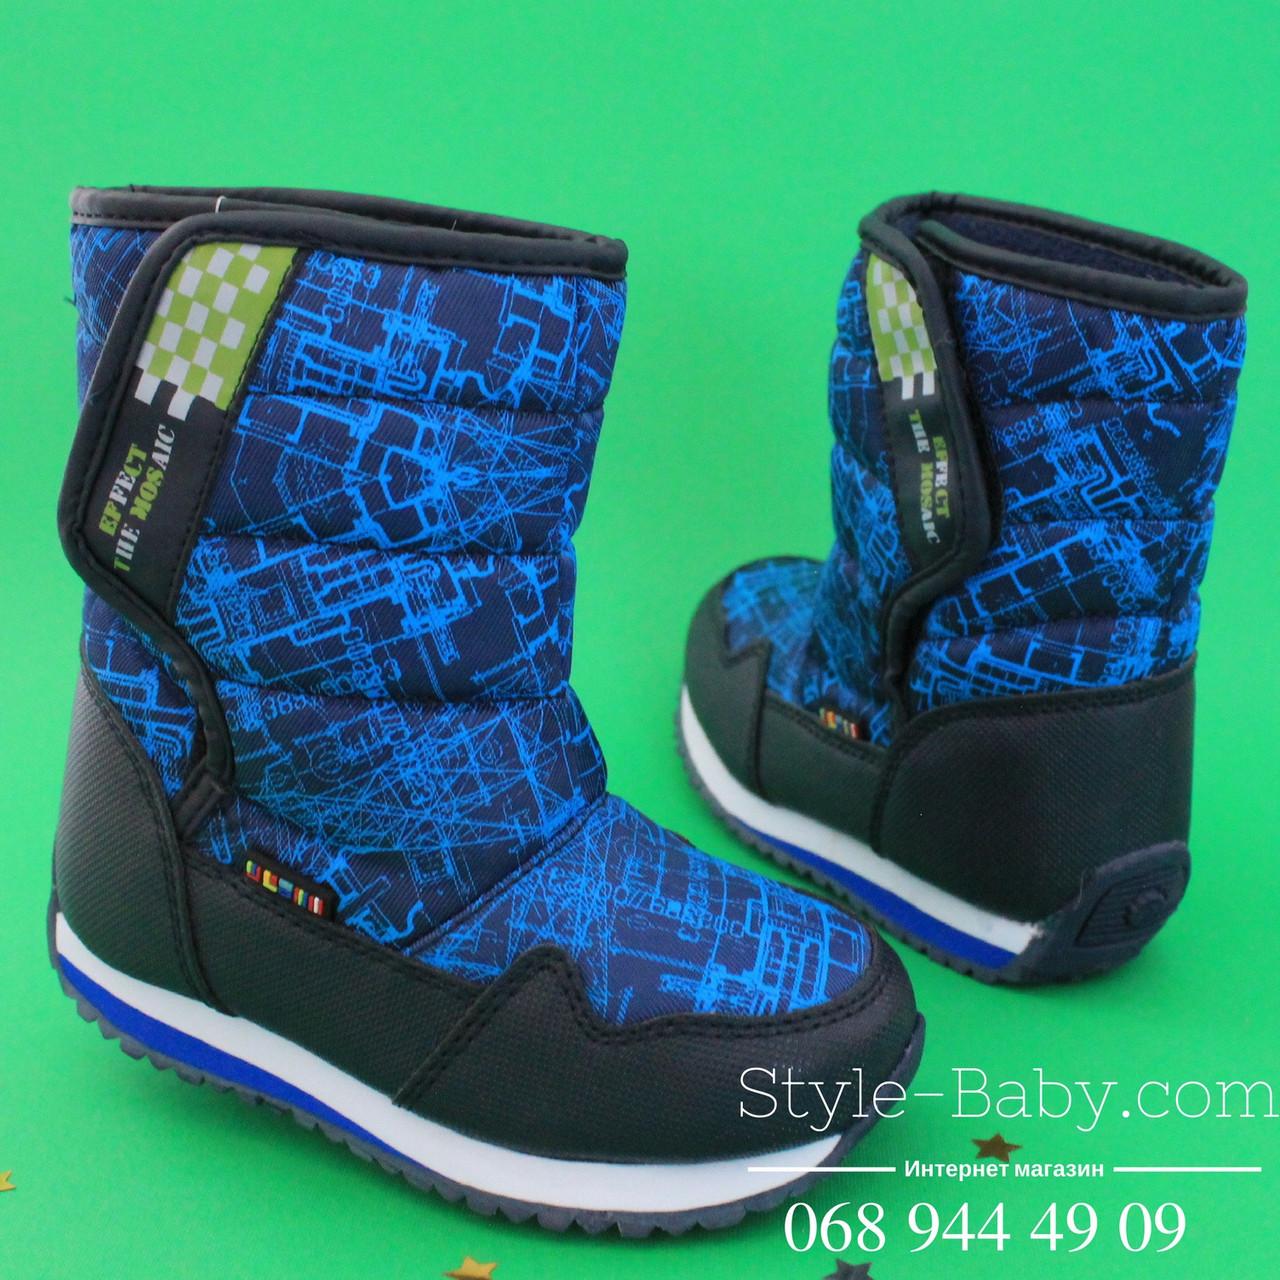 Сапожки-термо дутики синие для мальчика ТМ ТомМ р. 28 - BonKids - детский магазин обуви в Киеве